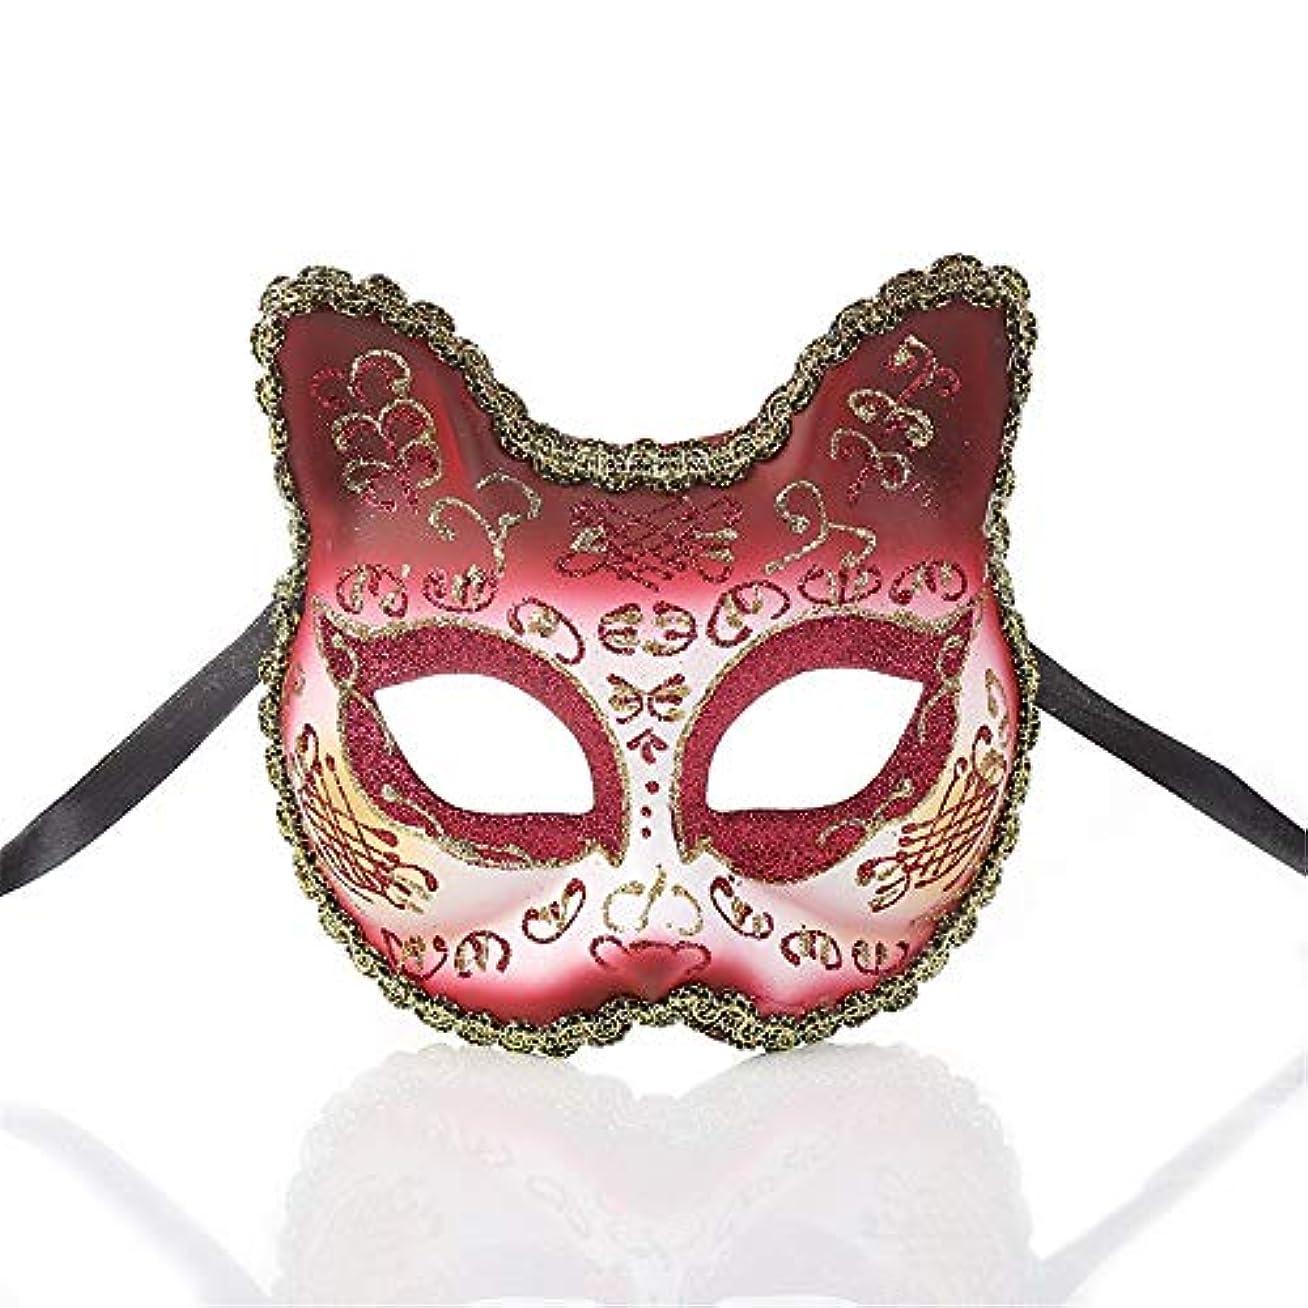 合計要件透過性ダンスマスク ワイルドマスカレードロールプレイングパーティーの小道具ナイトクラブのマスクの雰囲気クリスマスフェスティバルロールプレイングプラスチックマスク パーティーボールマスク (色 : ワインレッド, サイズ : 13x13cm)